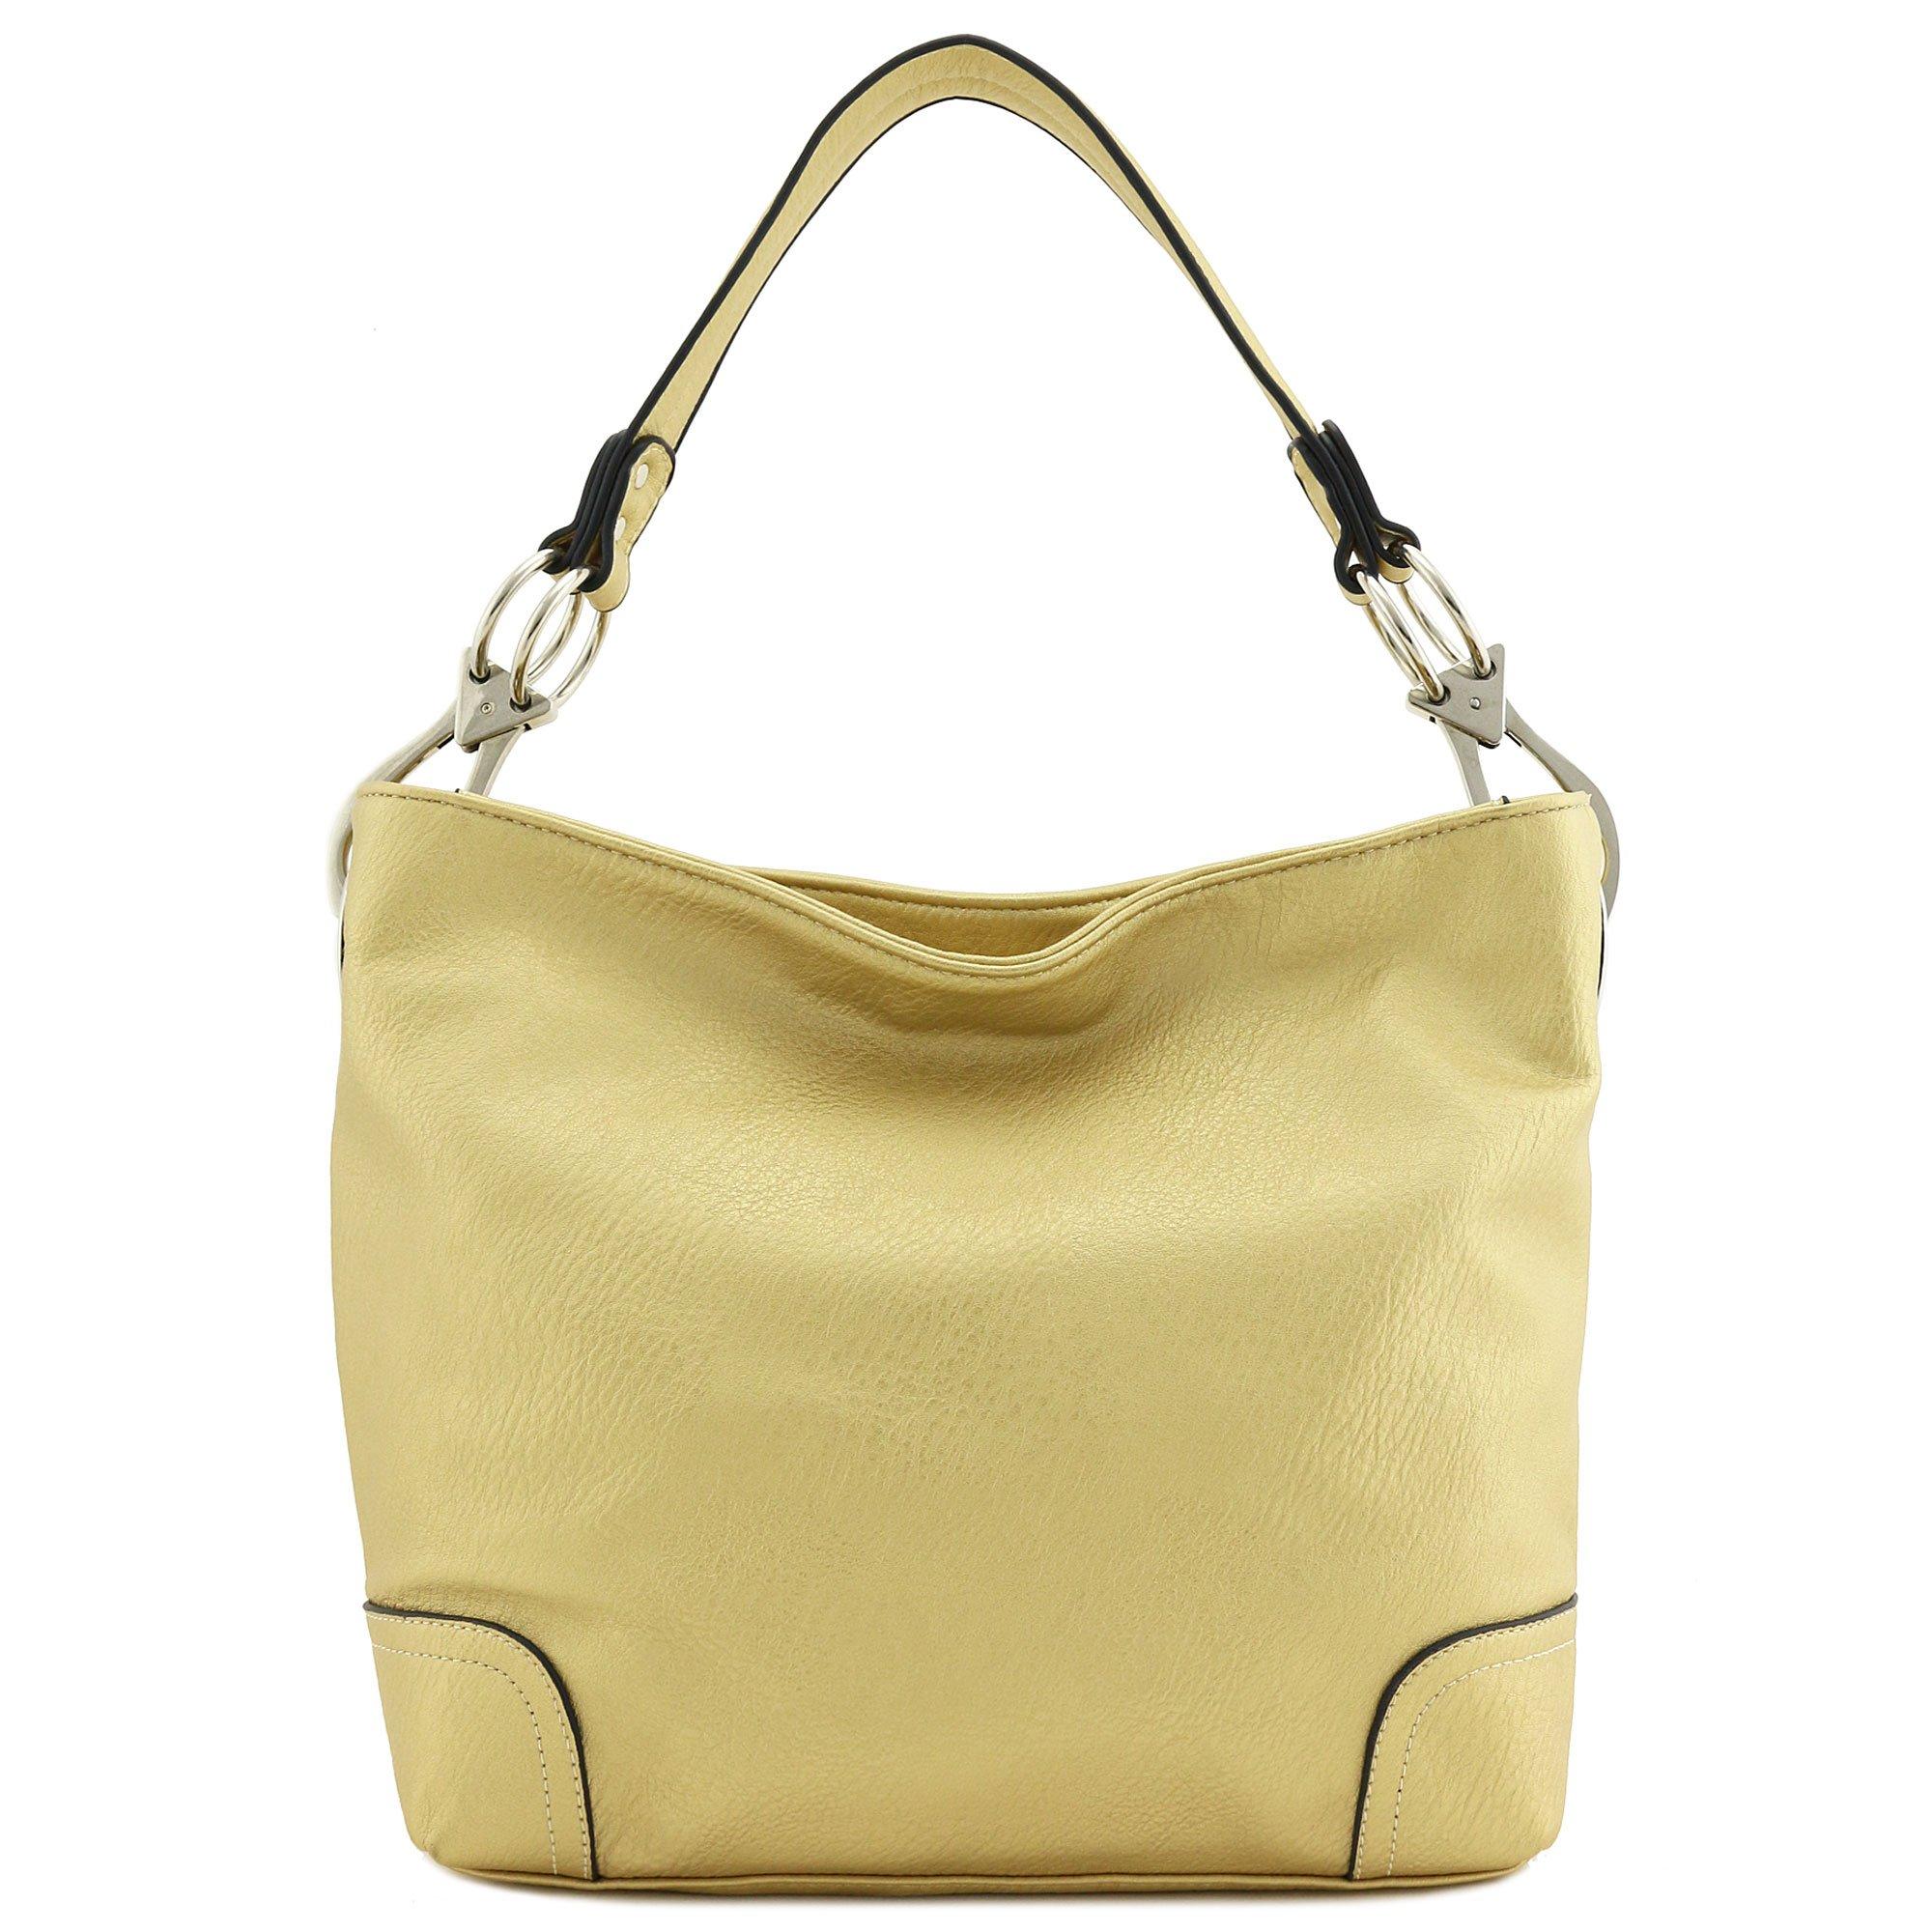 Hobo Shoulder Bag with Big Snap Hook Hardware (Gold) by Alyssa (Image #2)